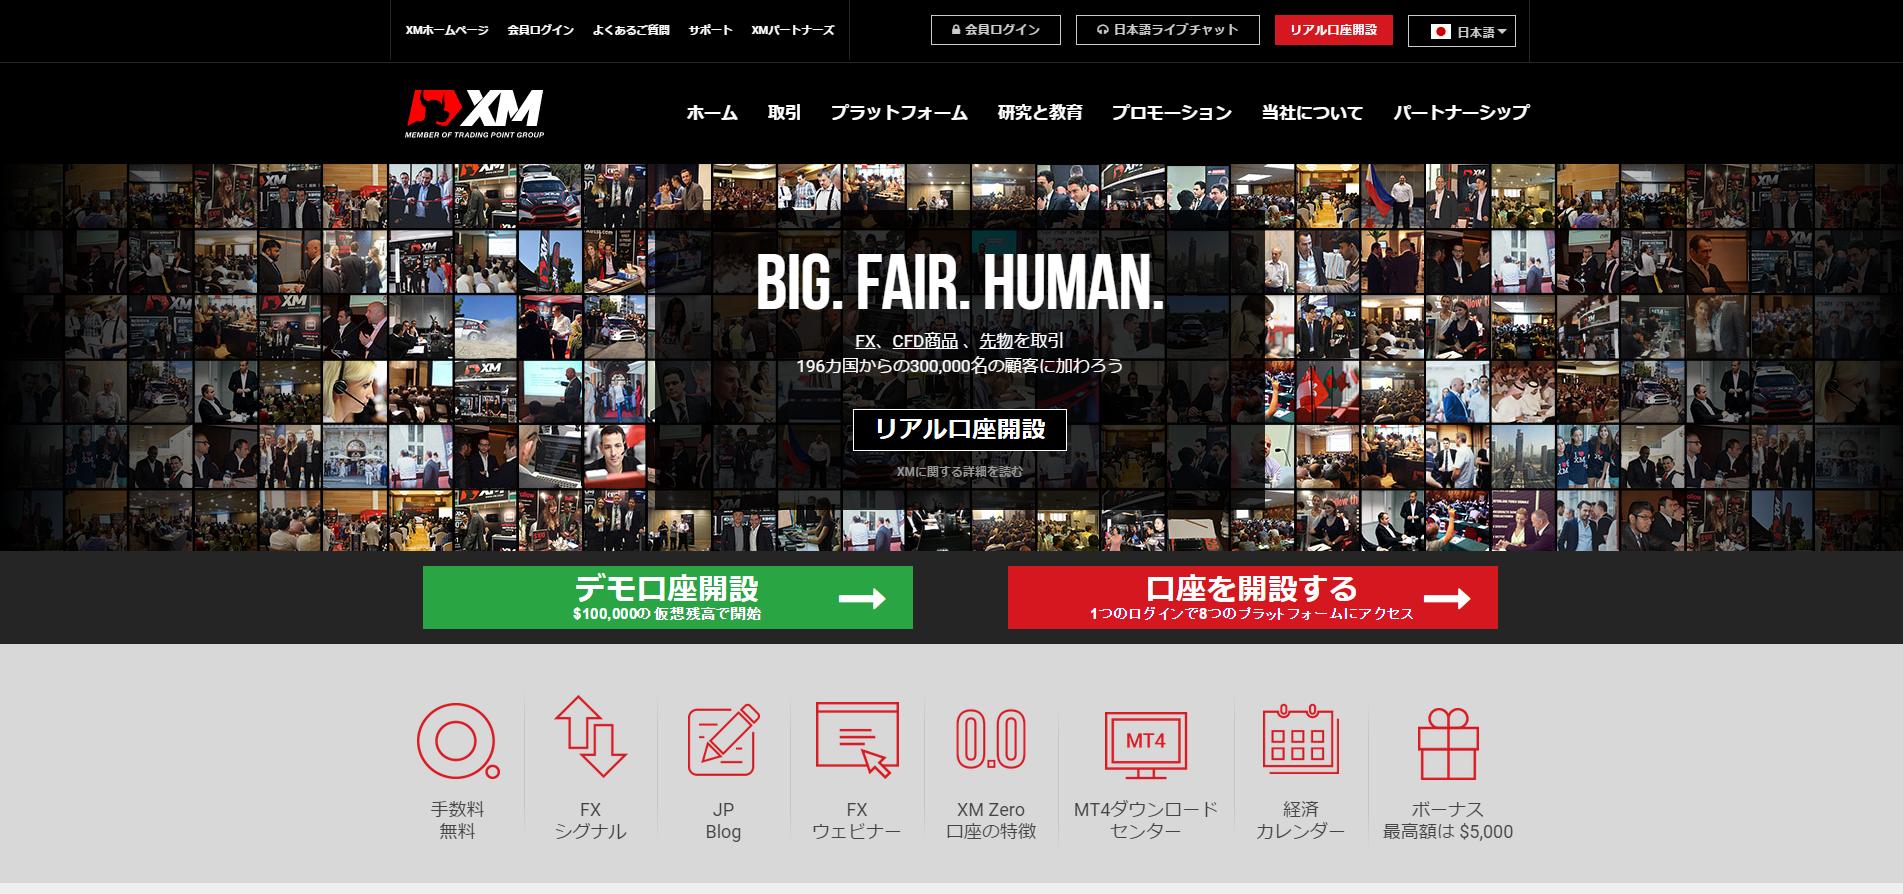 海外FX業者のXM公式サイト